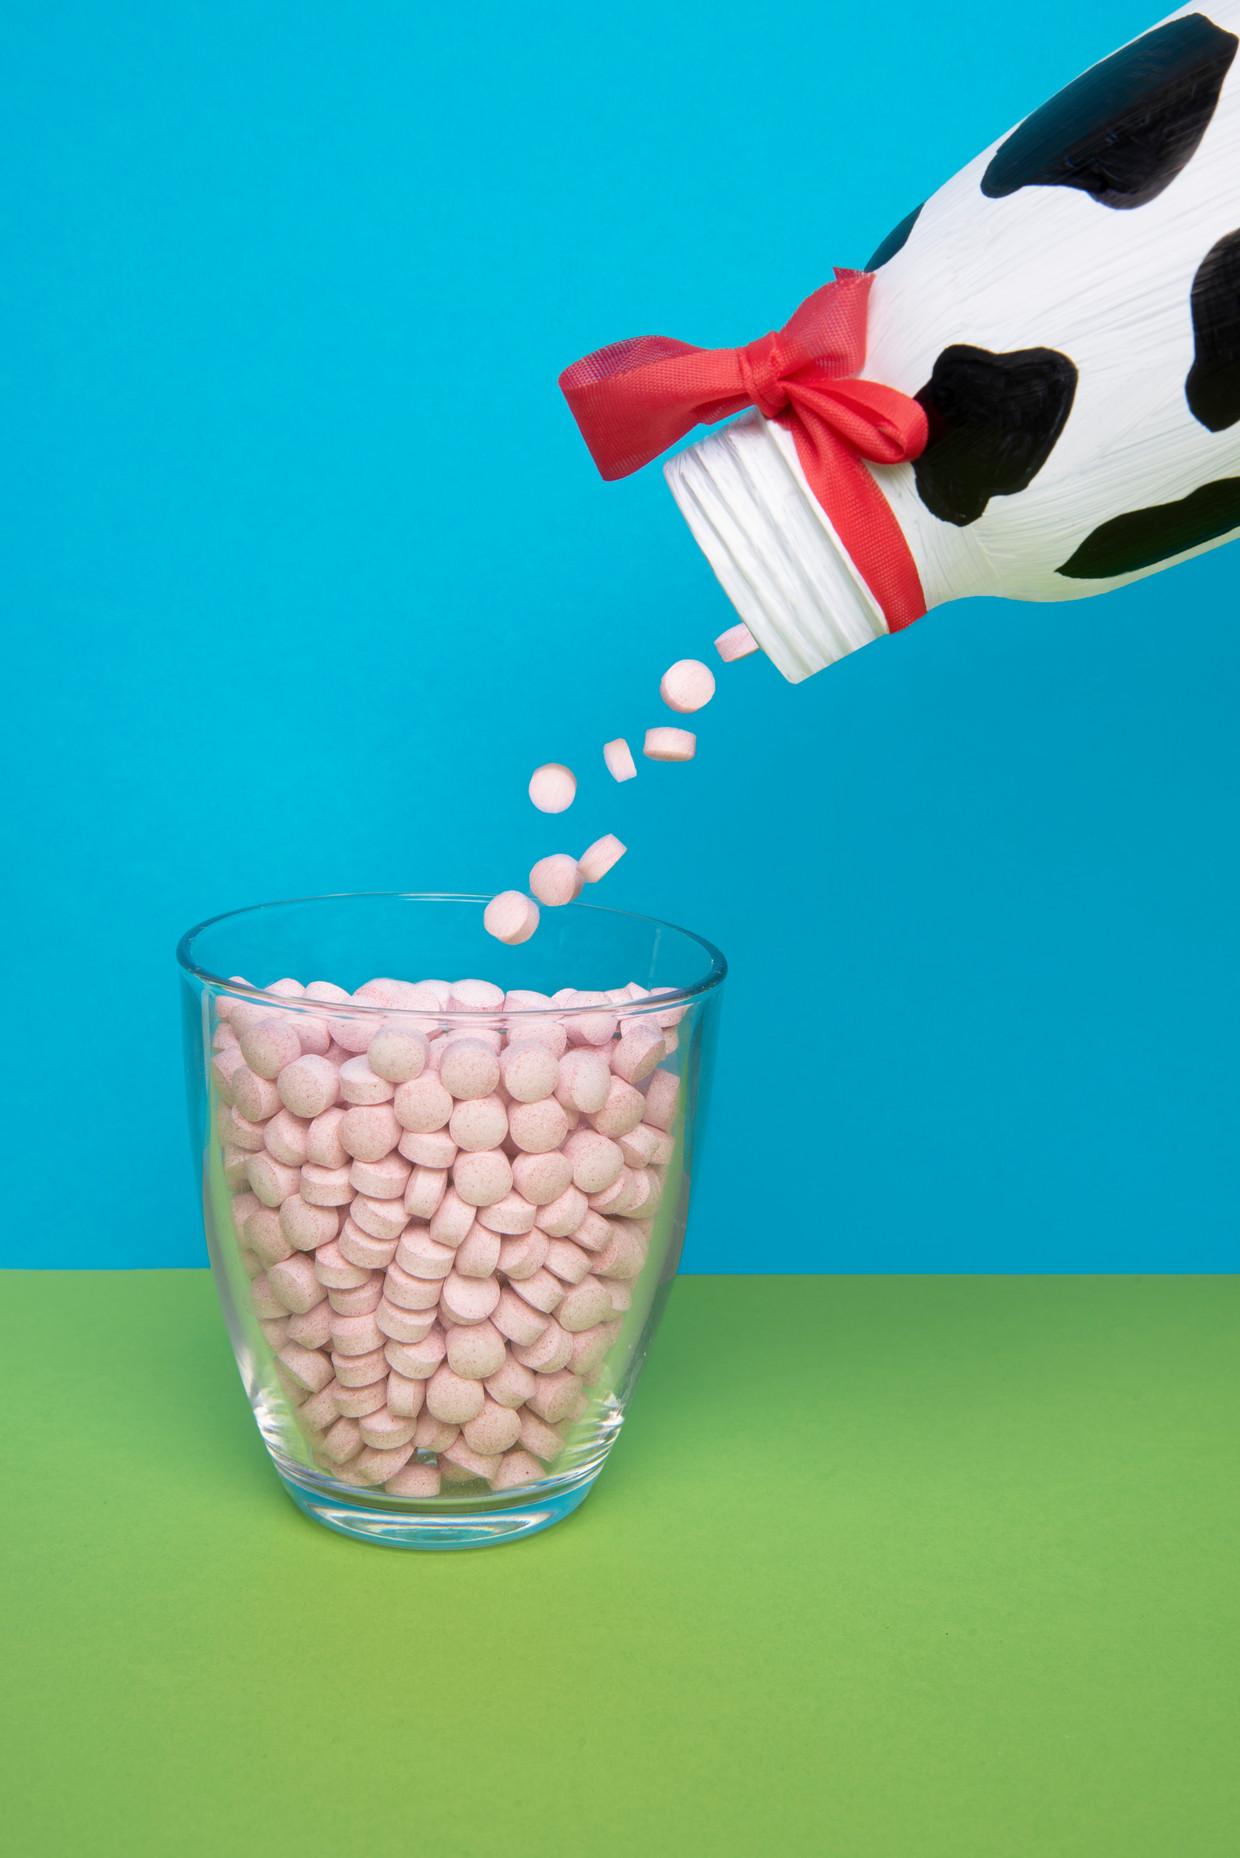 Voor het onderzoek van het Universitair Medisch Centrum Groningen werden de gegevens gebruikt van 5500 mensen. Hun vitamine B12-spiegel was slechts een van de gebruikte gegevens.